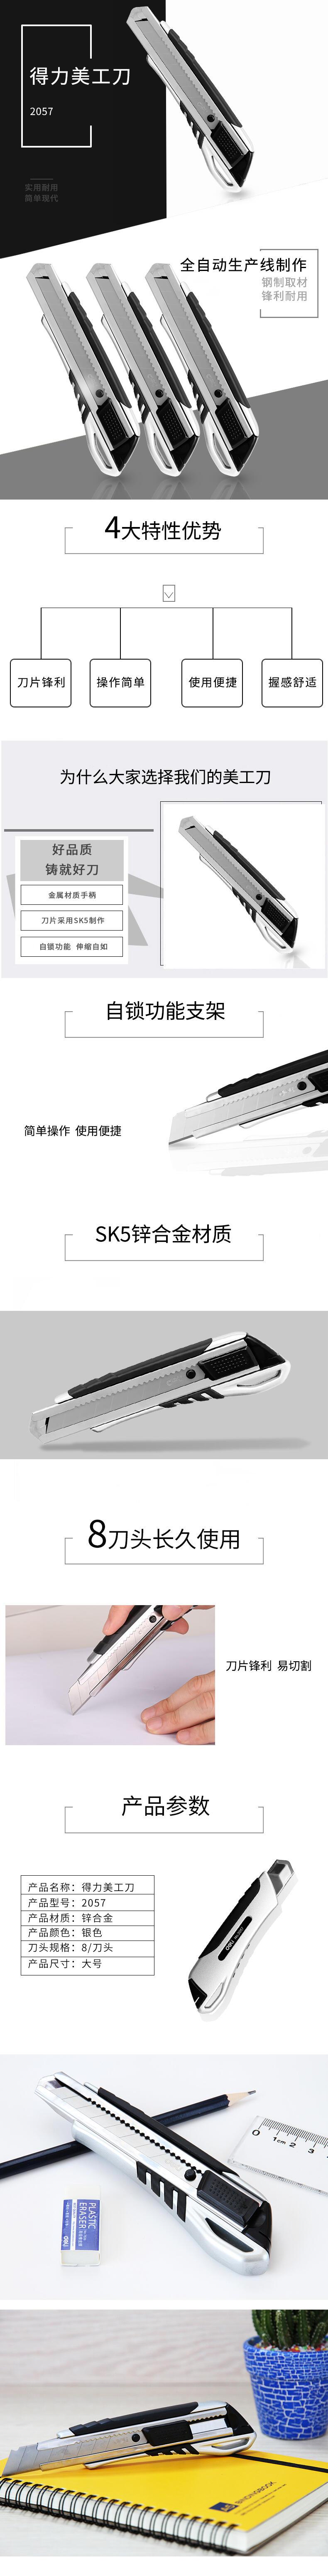 得力2057美工刀(银色)(把)